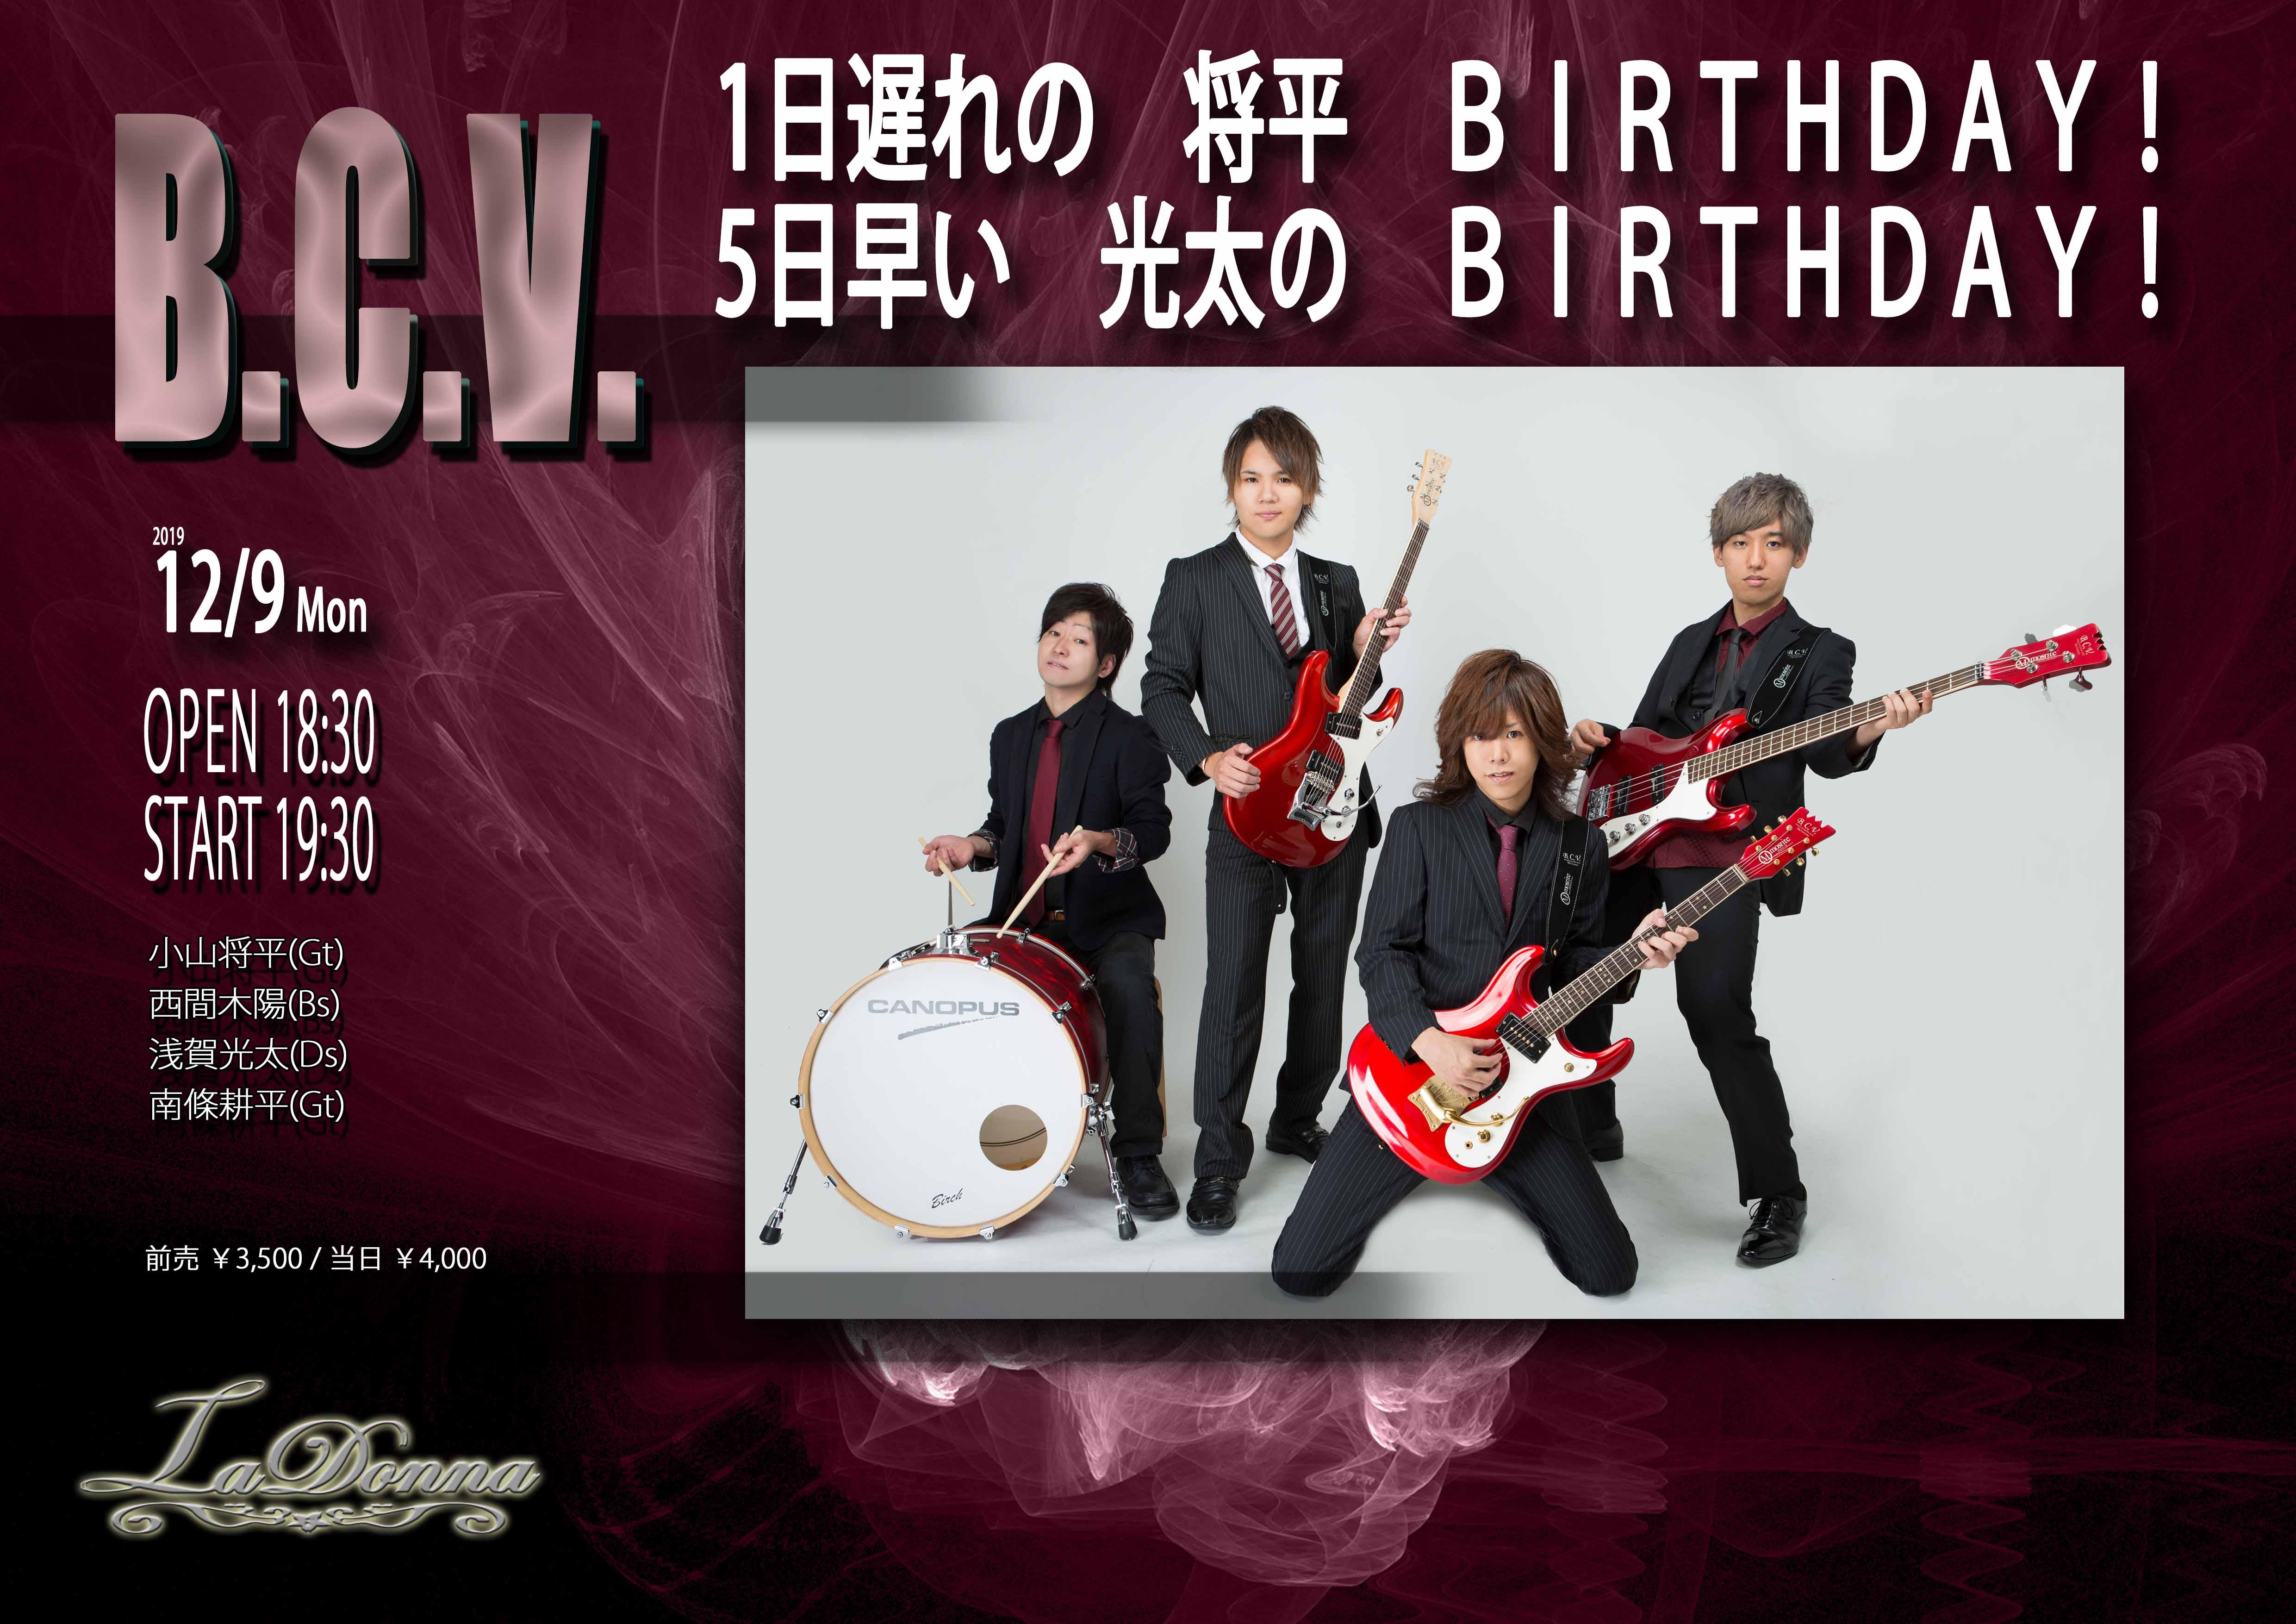 B.C.V. LIVE ~ 1日遅れの将平Birthday & 5日早い光太のBirthday ~